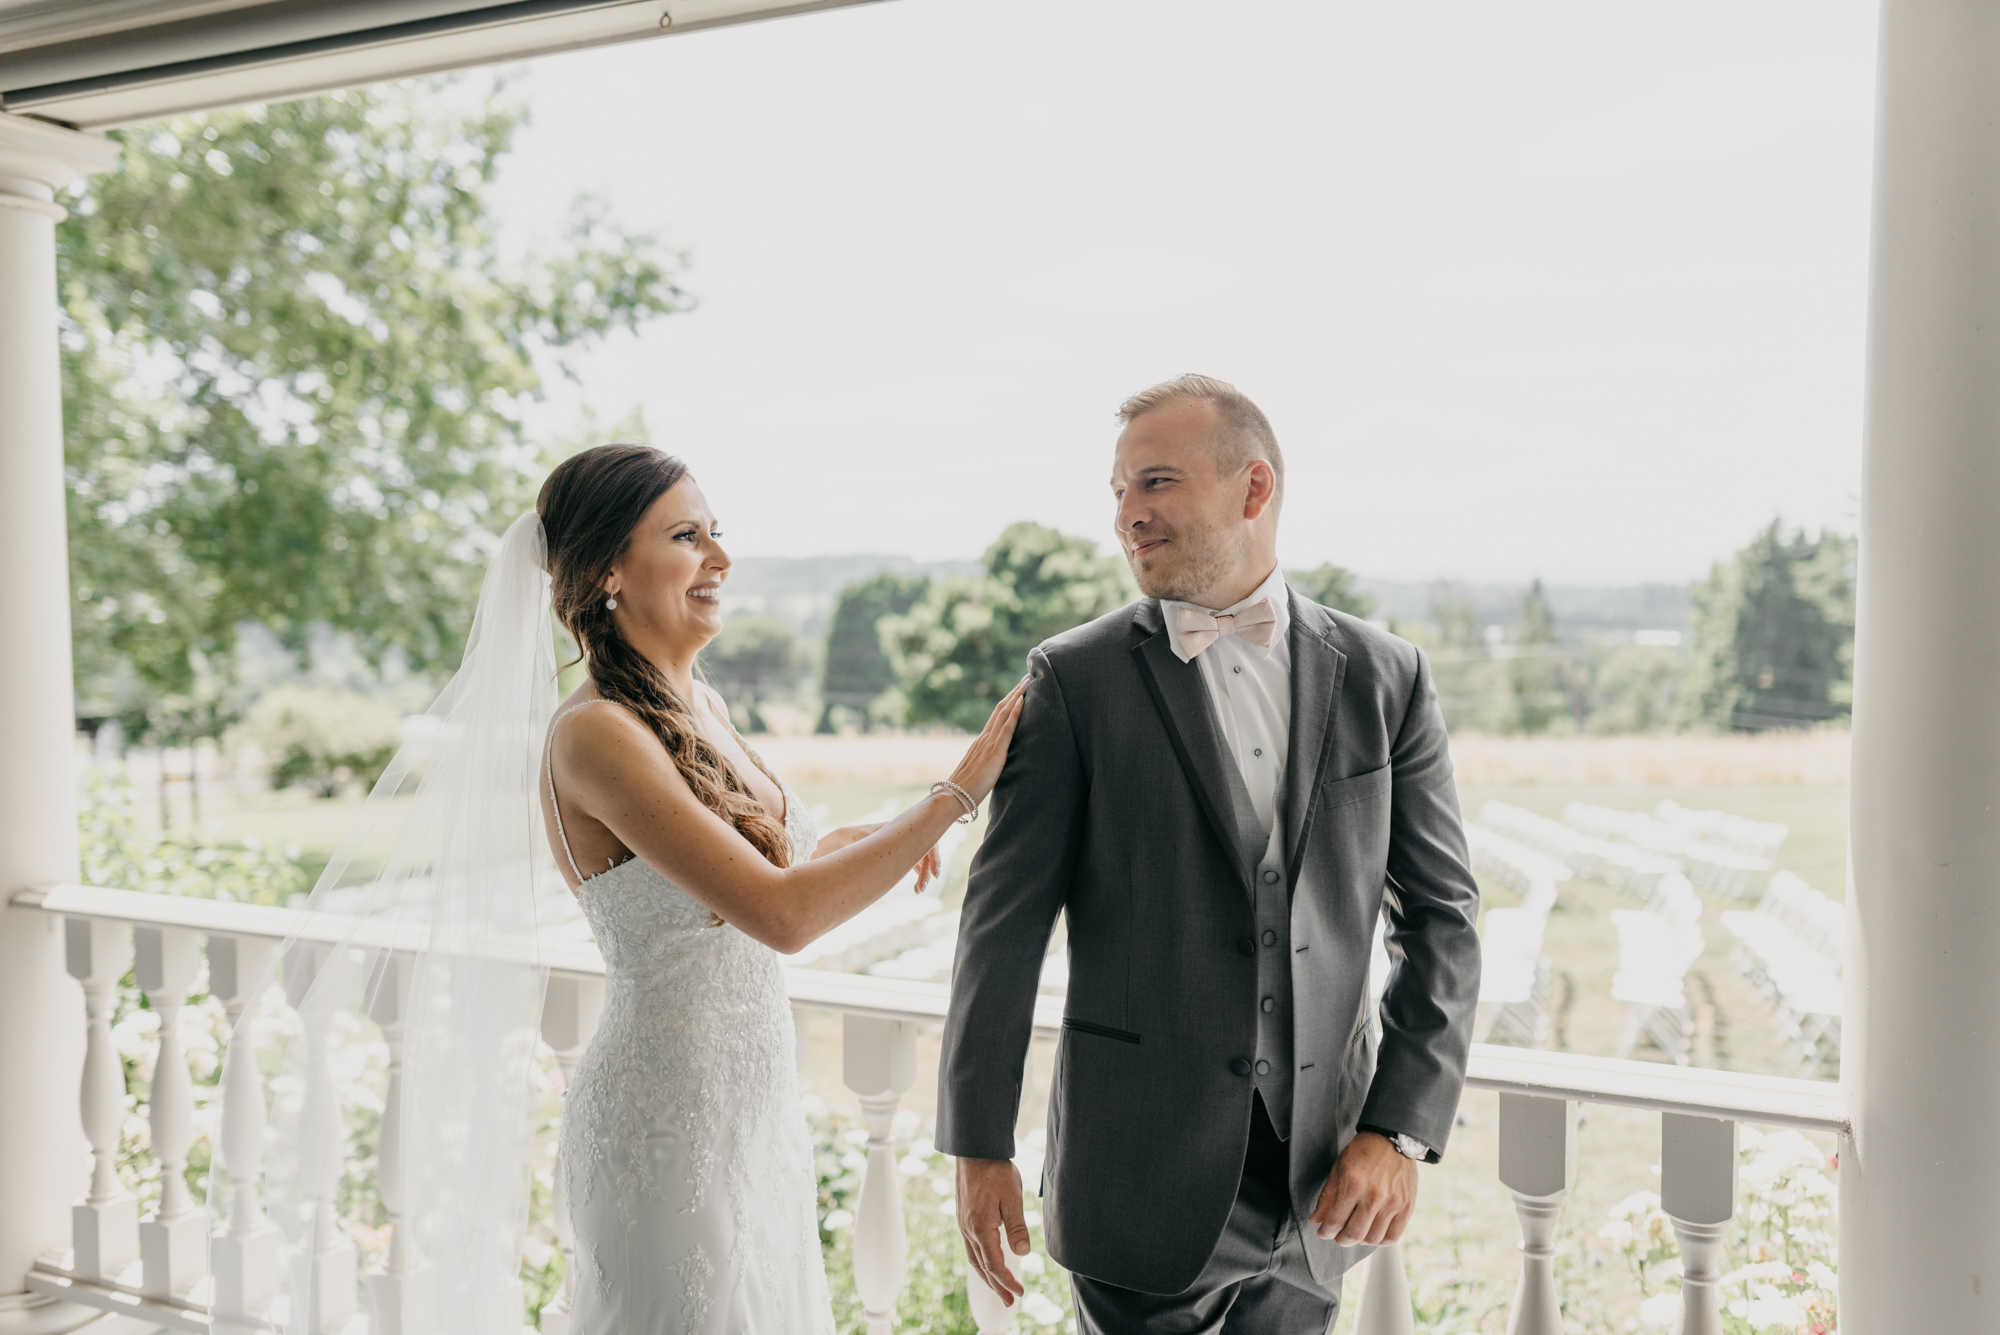 55-first-look-barn-kestrel-wedding-lake-oswego-wedding.jpg